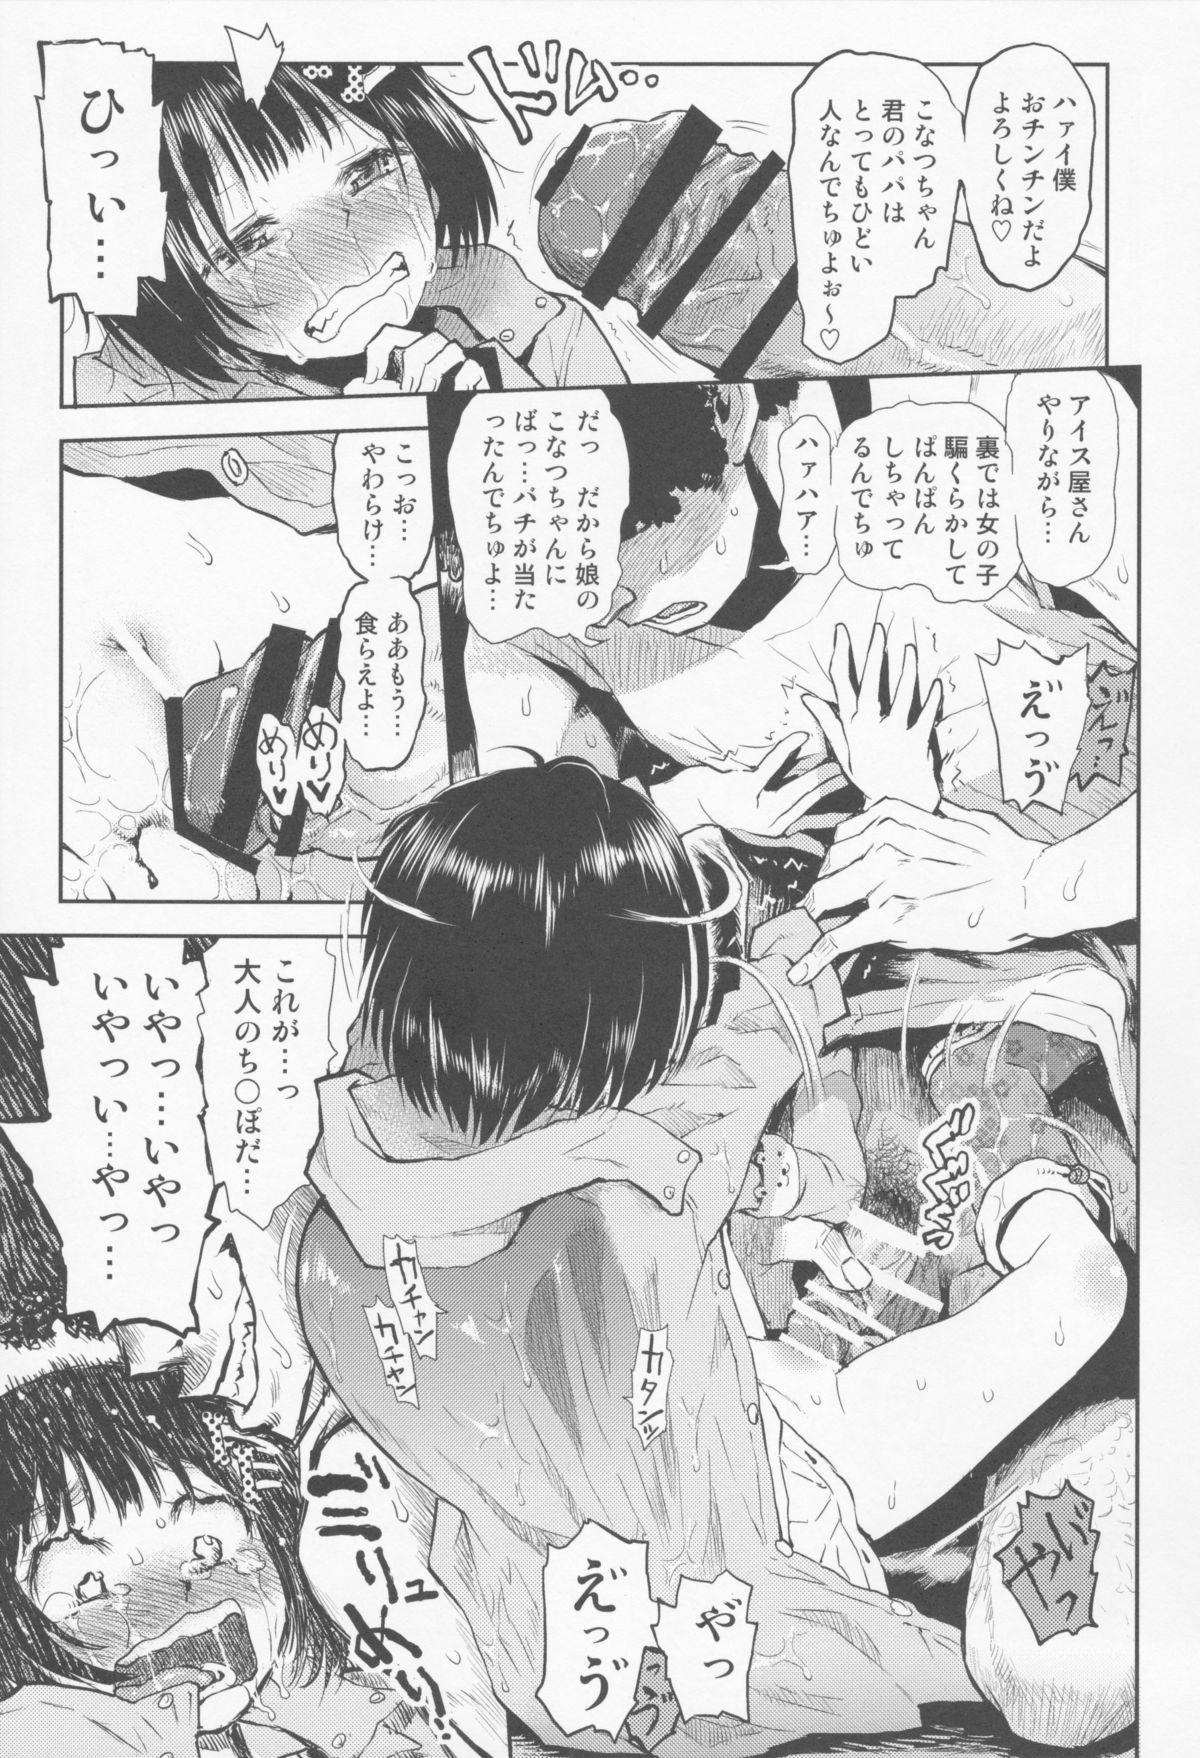 Tenchou no Musume 16